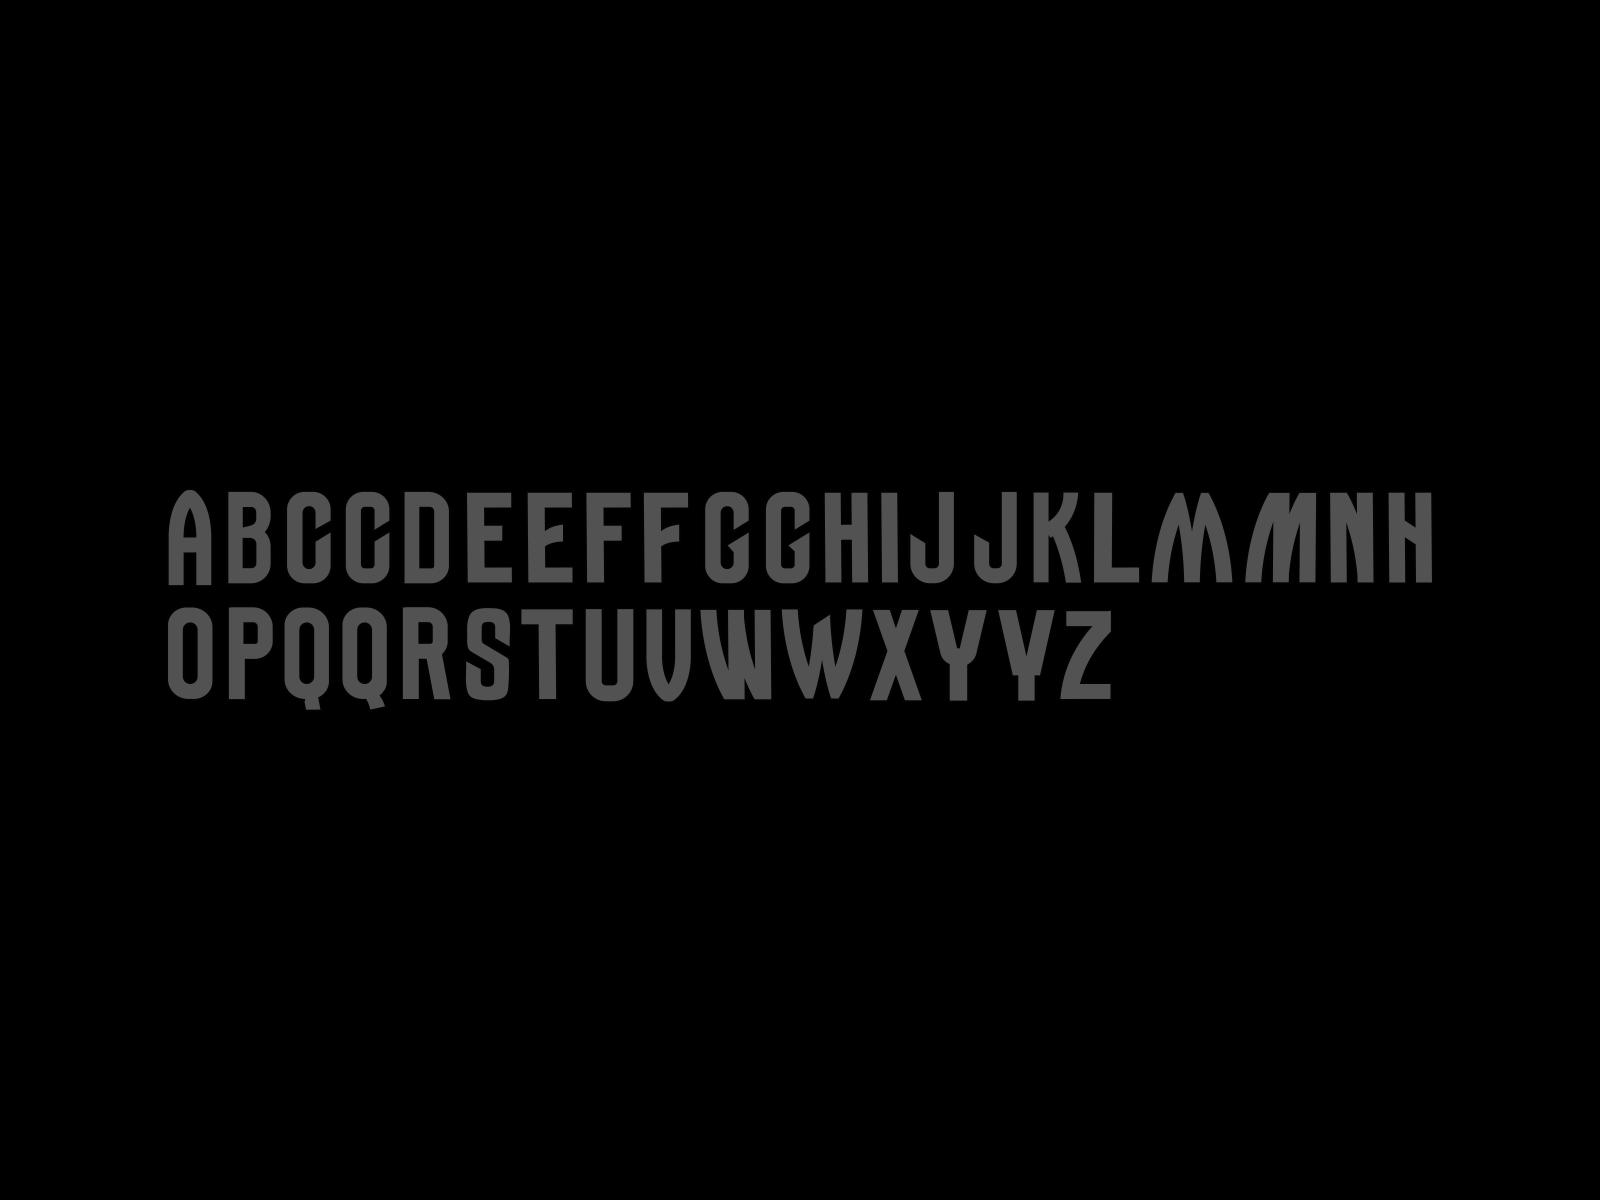 B27e202548492e487a7d9e2107d5d629